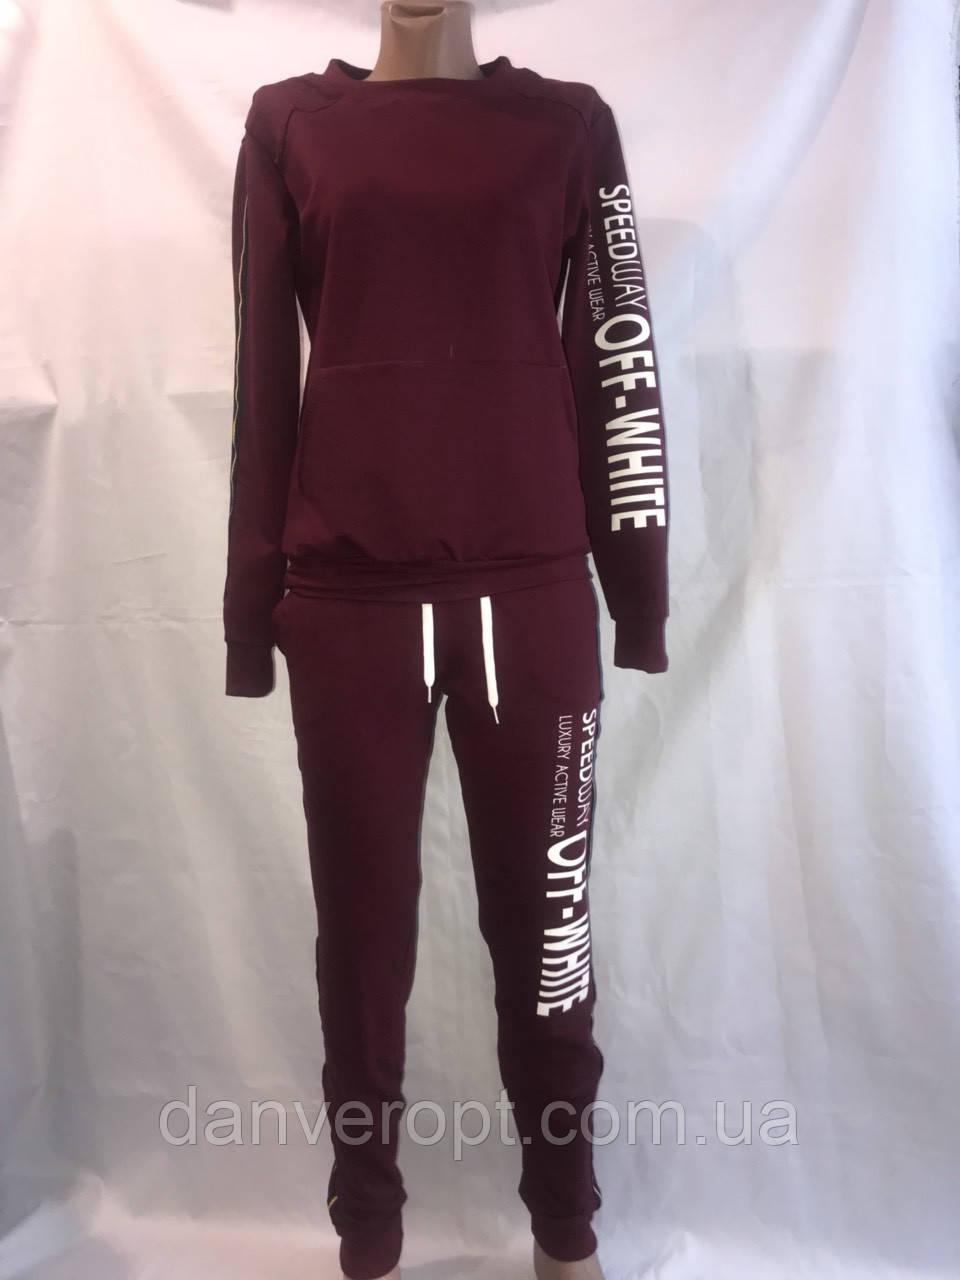 Костюм женский модный стильный размер 44-52 купить оптом со склада 7км Одесса